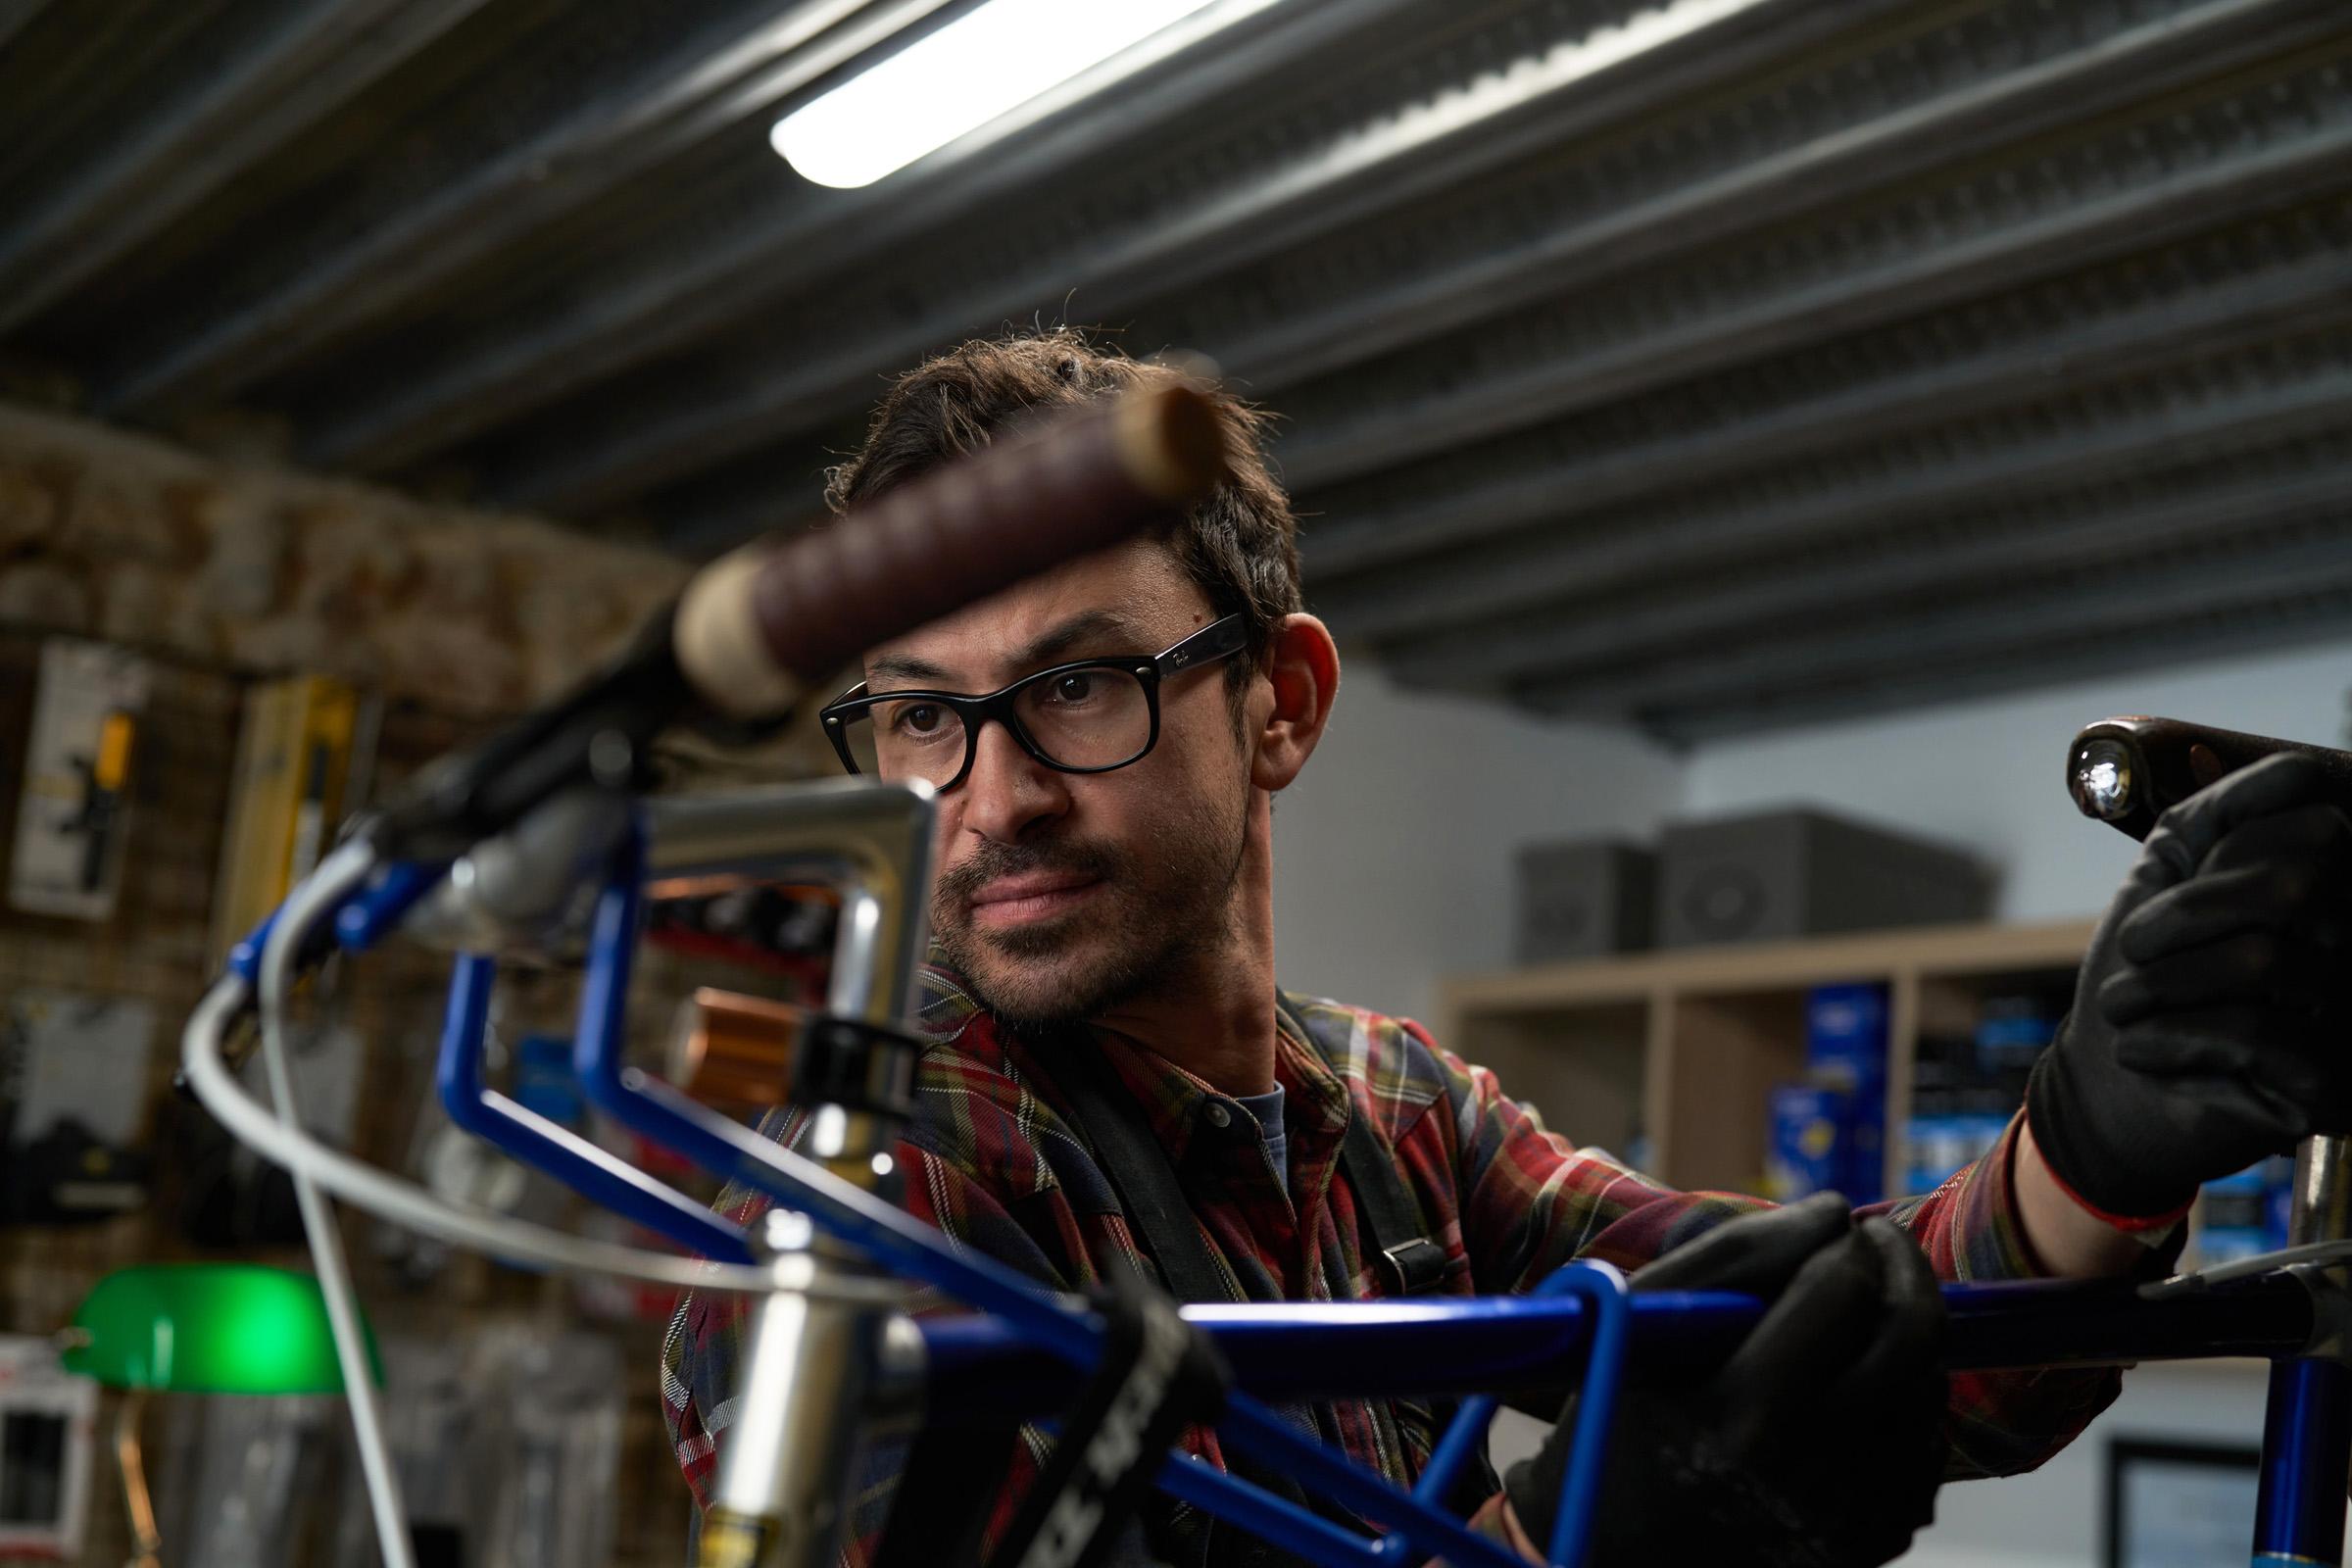 Révision d'un vélo électrique ou musculaire